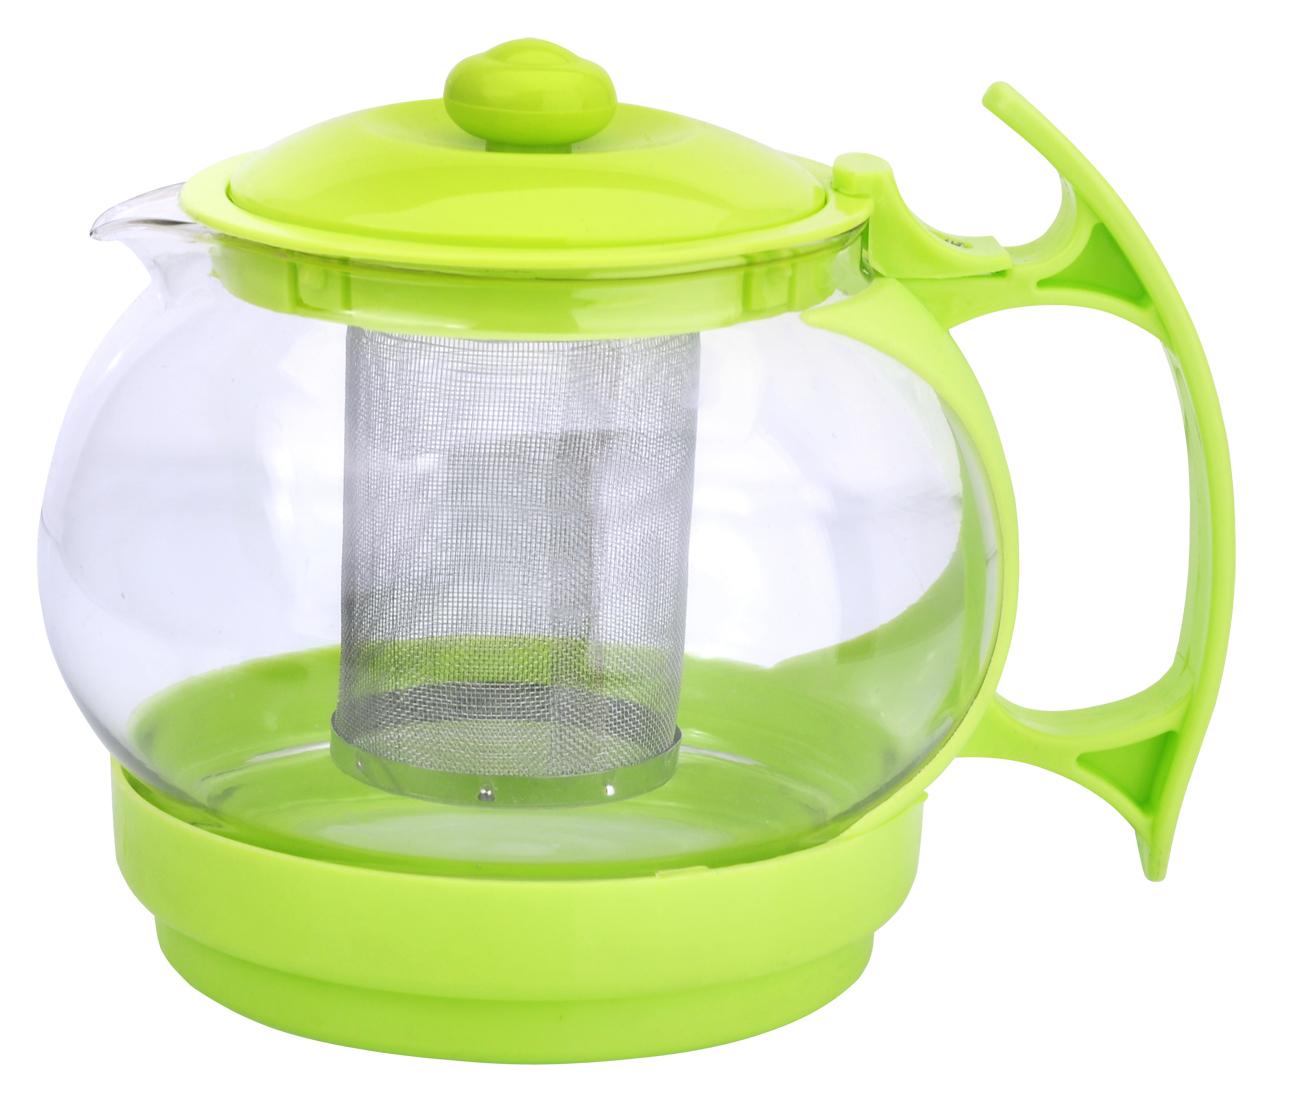 Чайник заварочный МФК-профит, с фильтром, цвет: зеленый, 1,1 л чайник заварочный мфк профит белла 900 мл